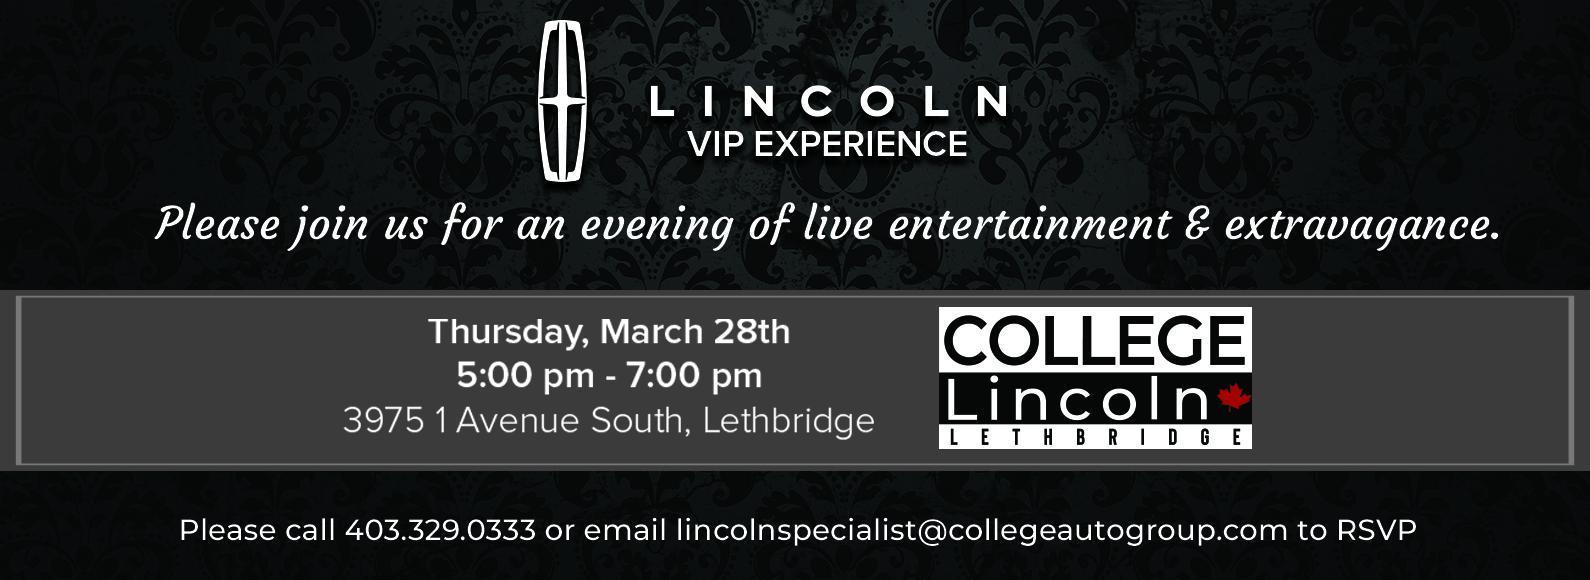 Lincoln VIP Event